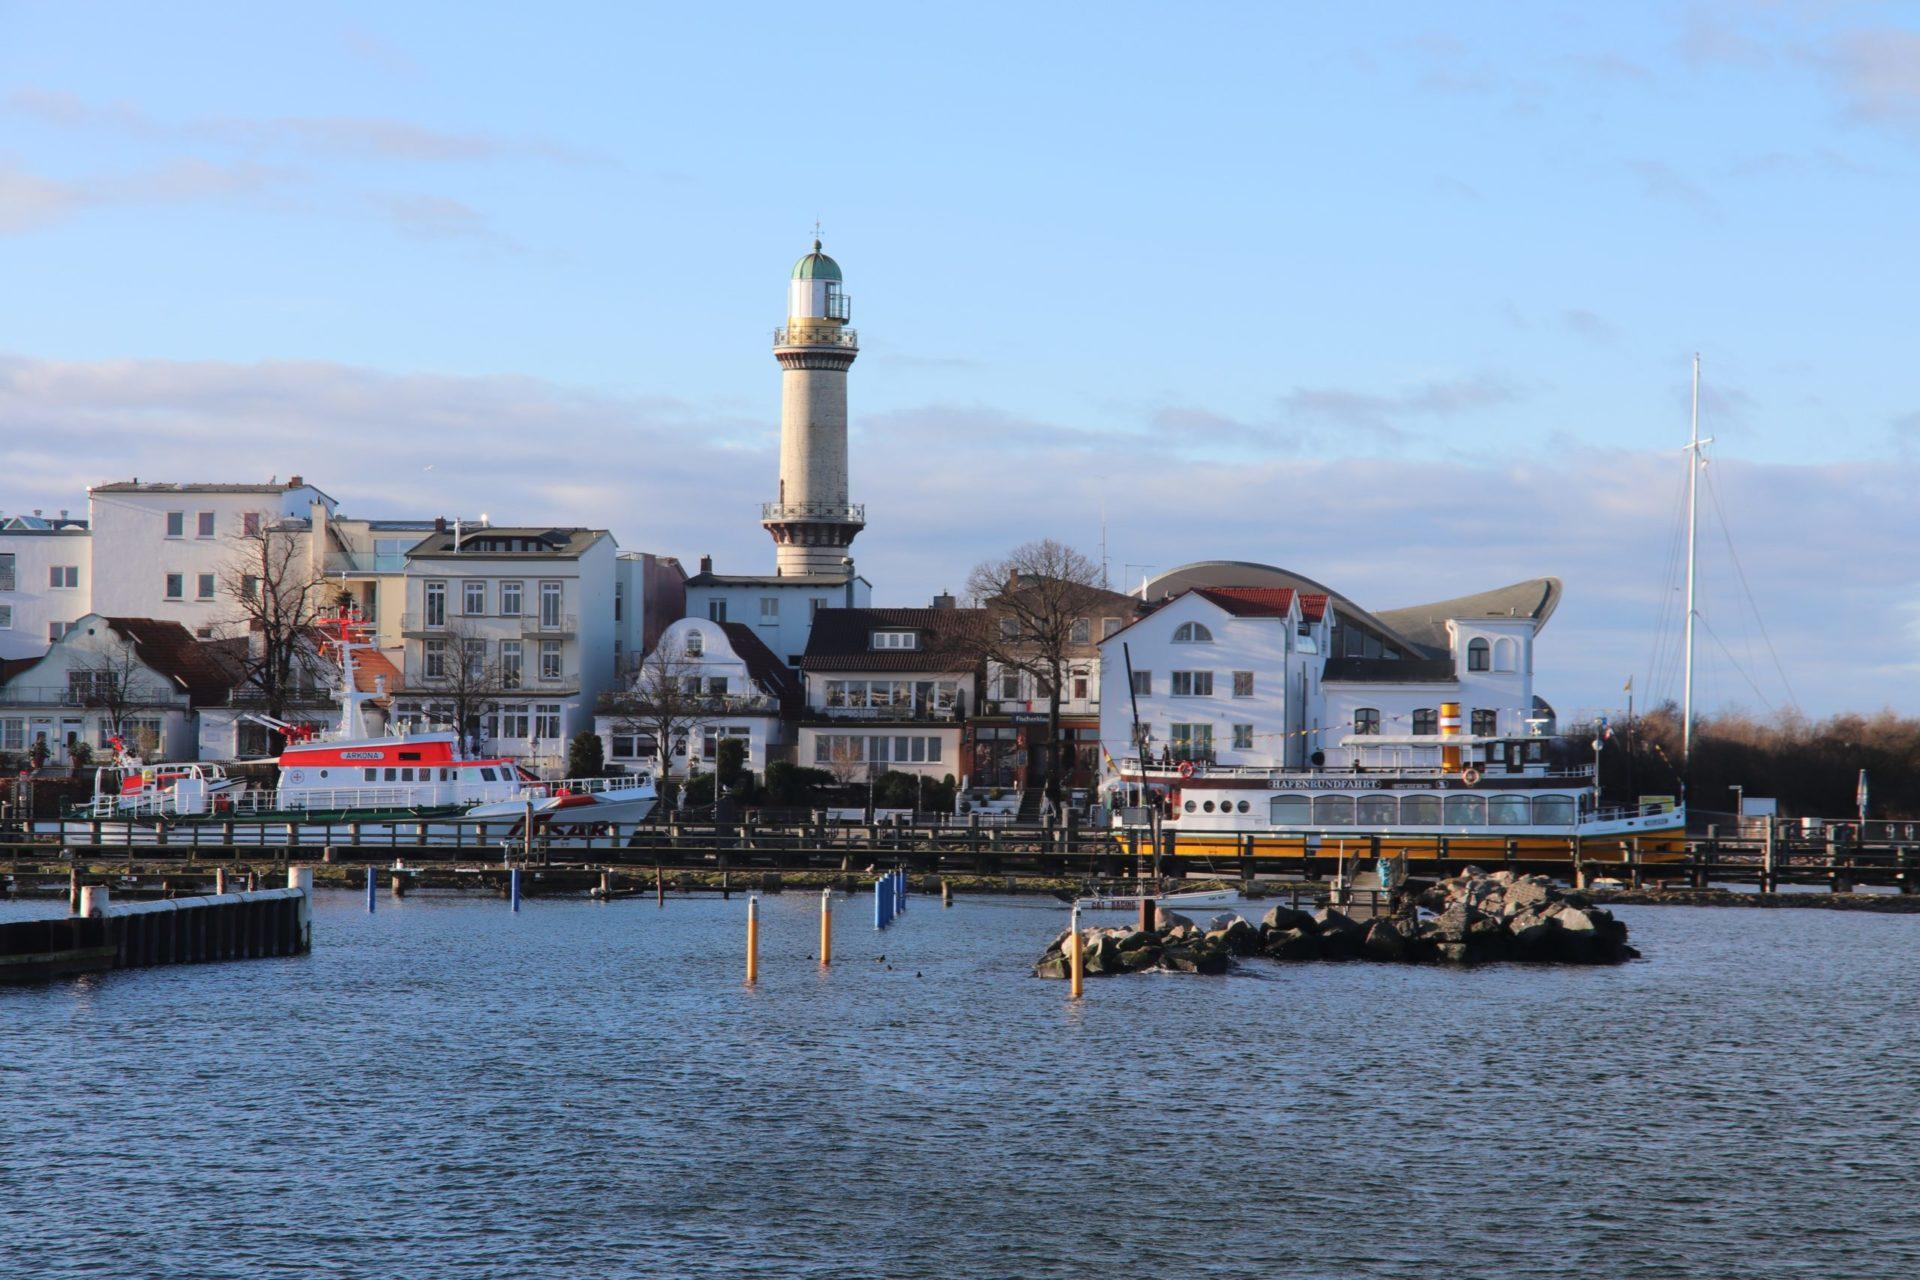 Wassertemperatur Warnemünde: Hafen mit Leuchtturm von Warnemünde